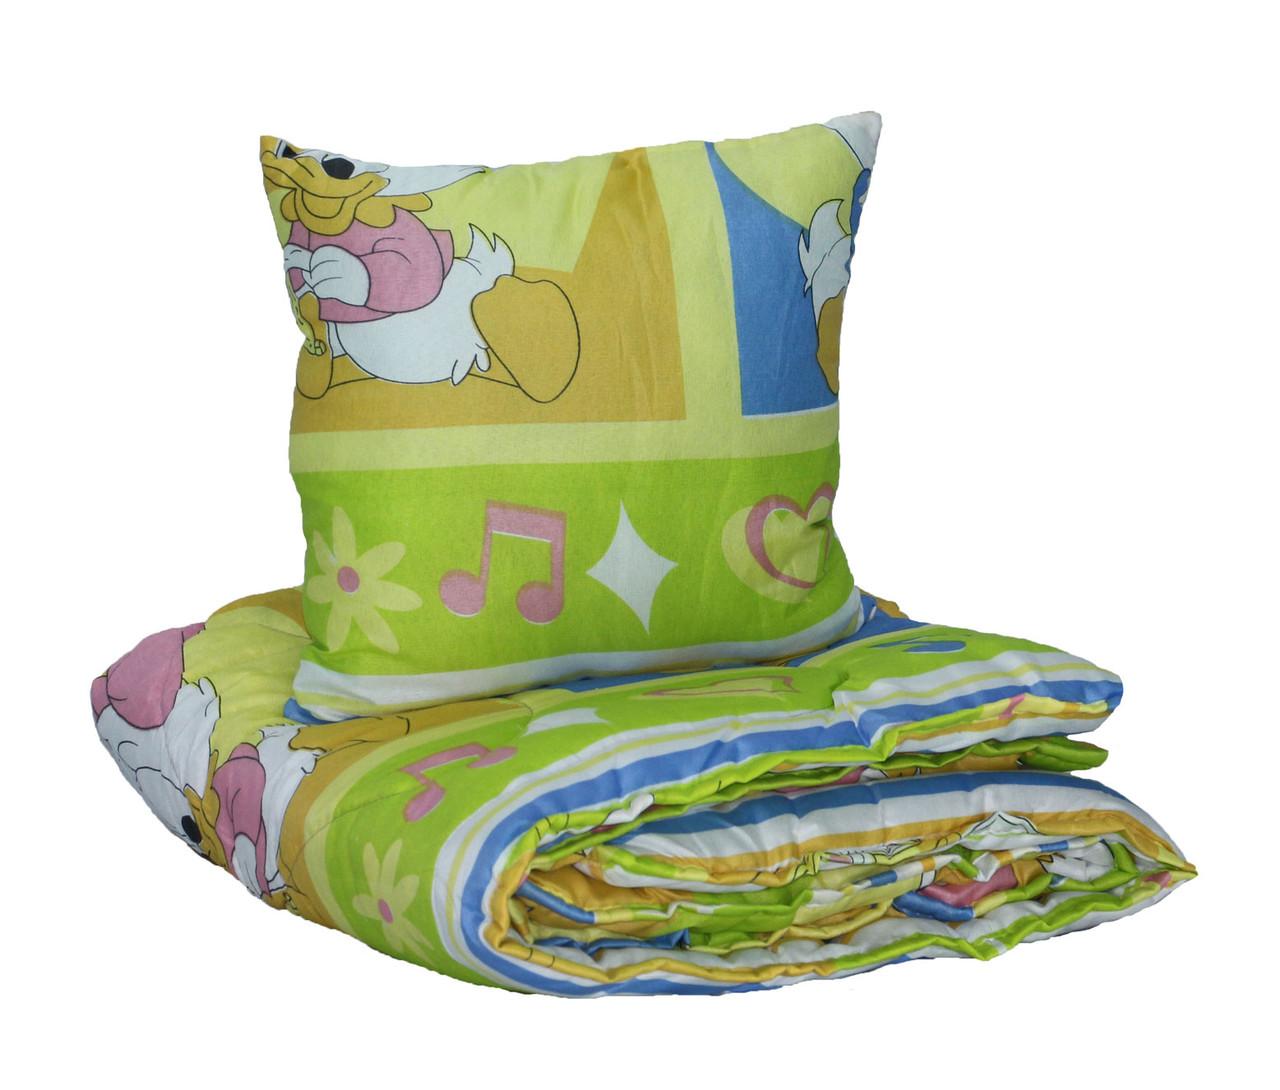 Одеяло синтепоновое Чарівний сон Детское 110*140 с подушкой